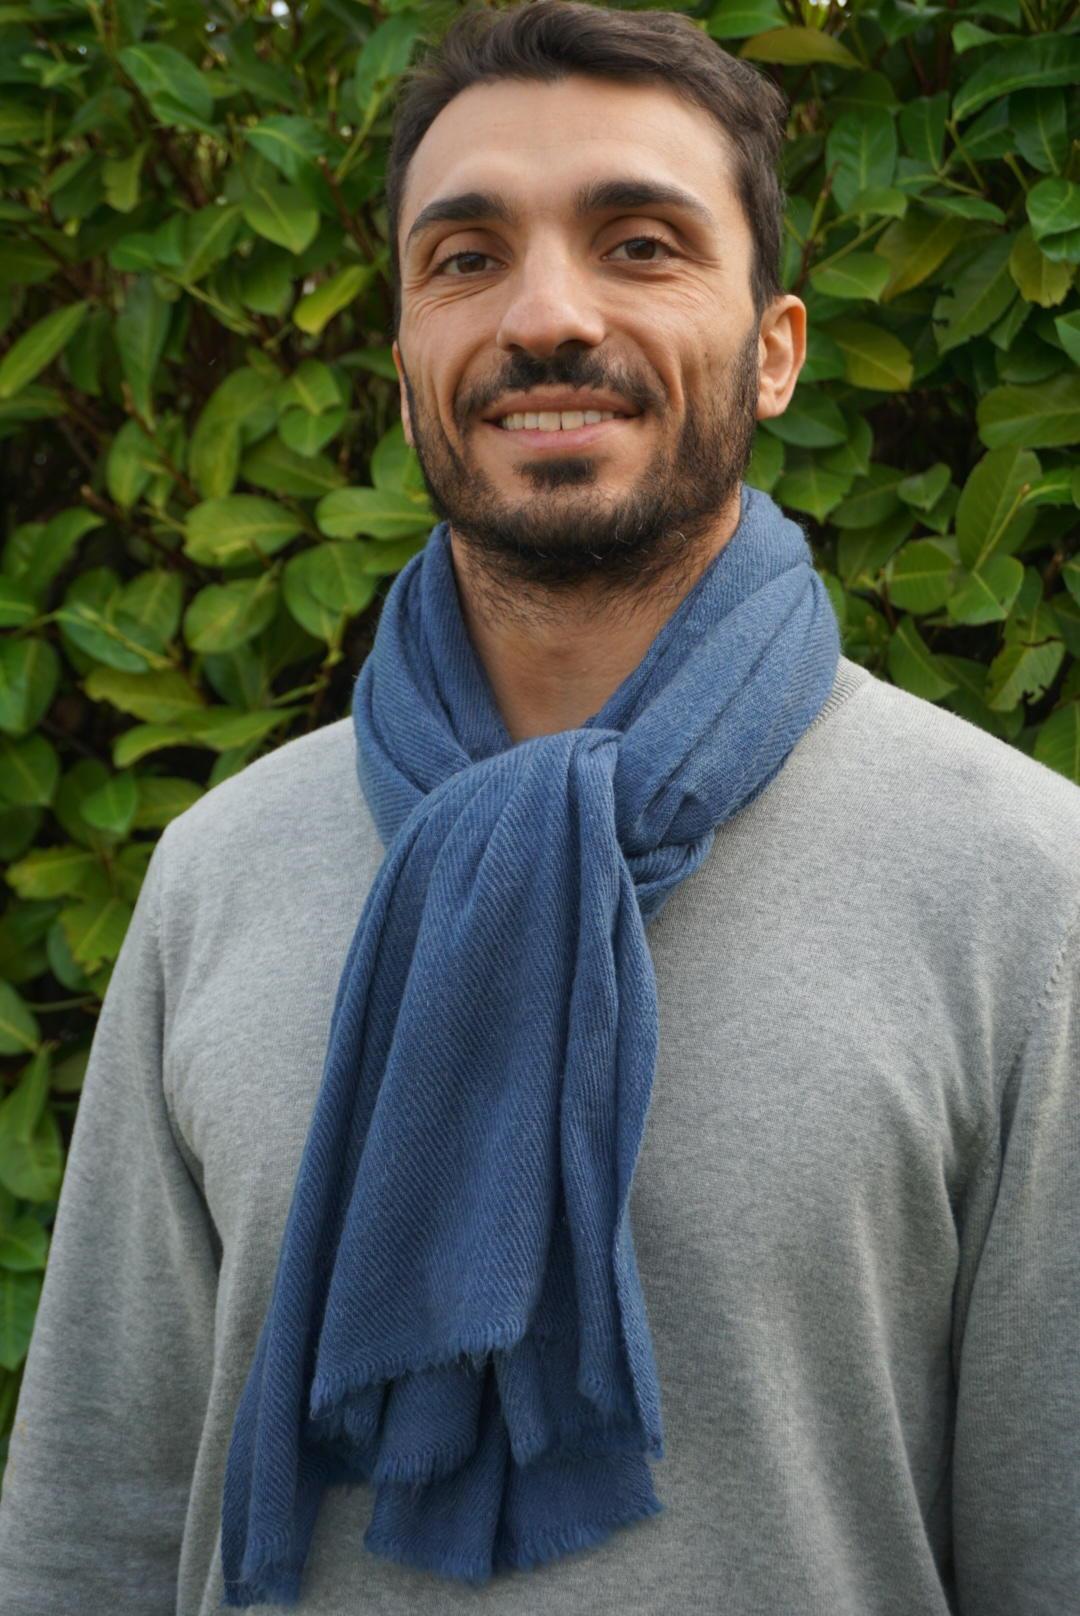 Pashmina Homme Bleu 100% Cachemire - Créateur HIMMATI